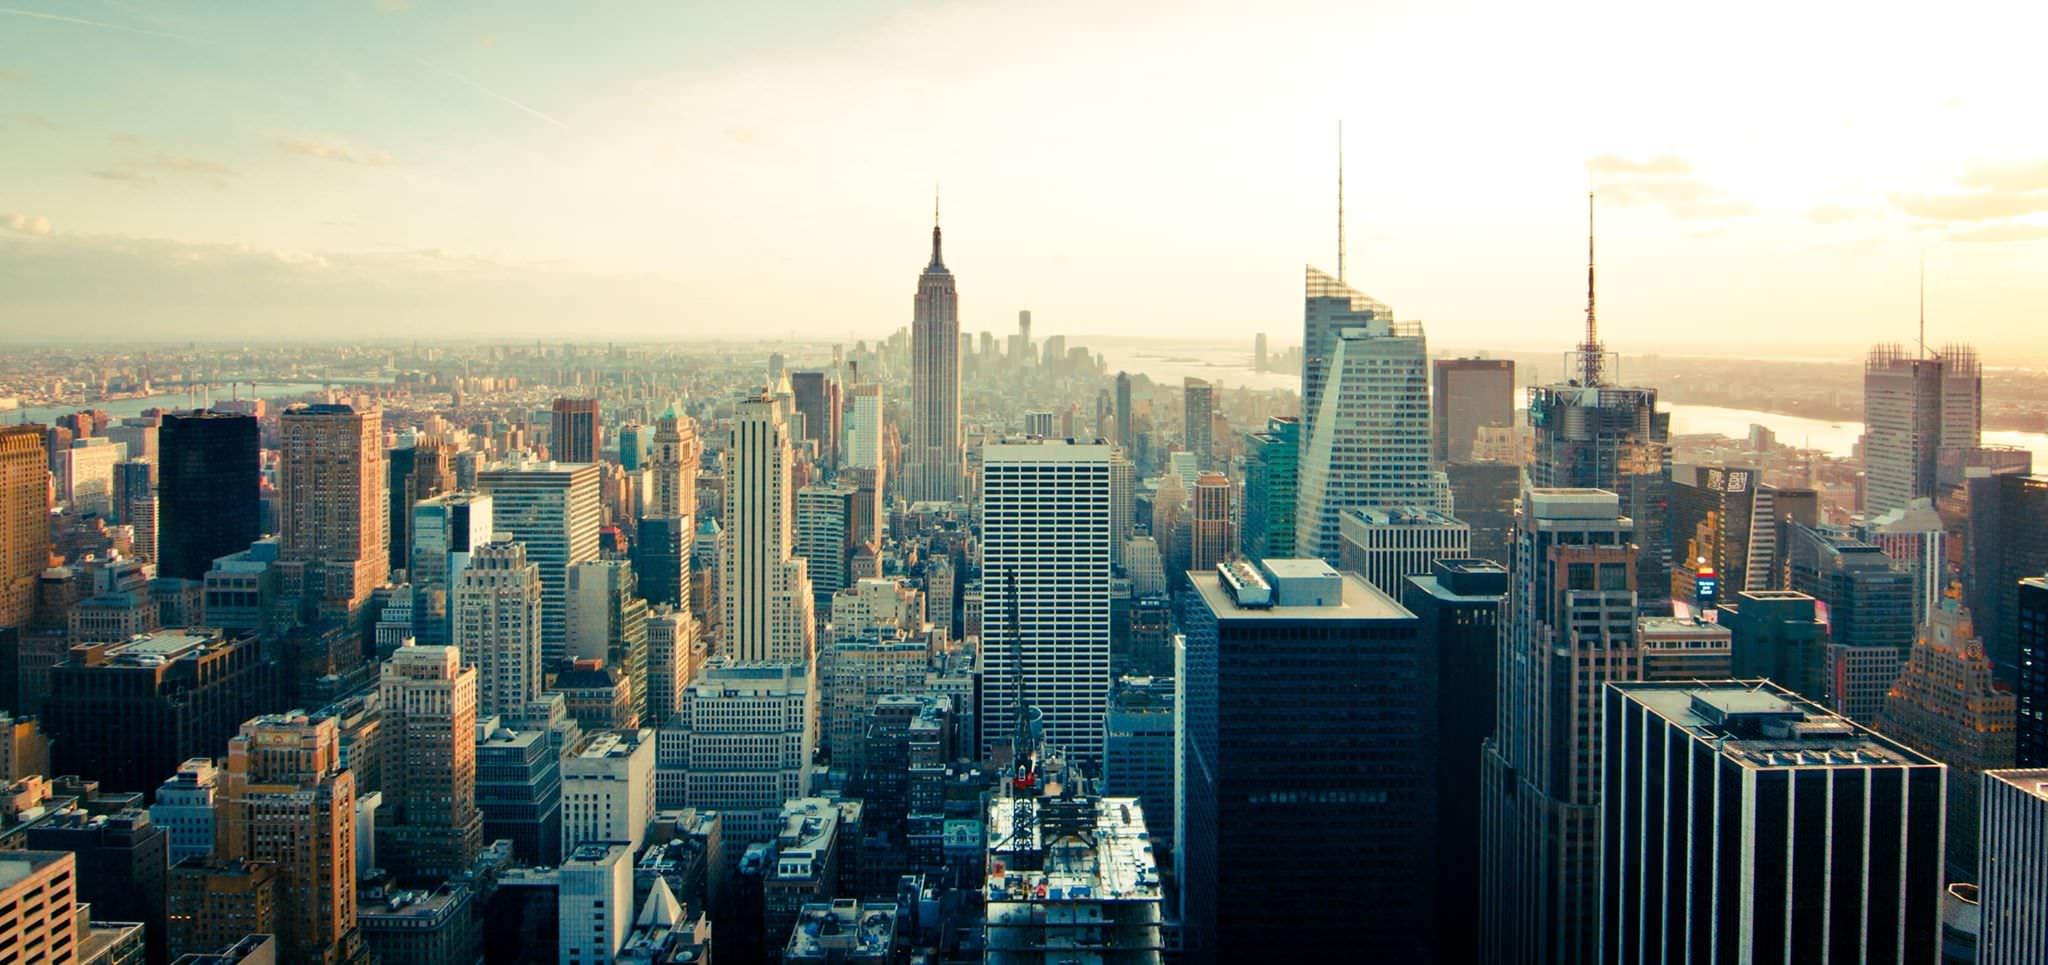 El Crowdfunding Inmobiliario Entra con Fuerza en Estados Unidos (1ª Parte)